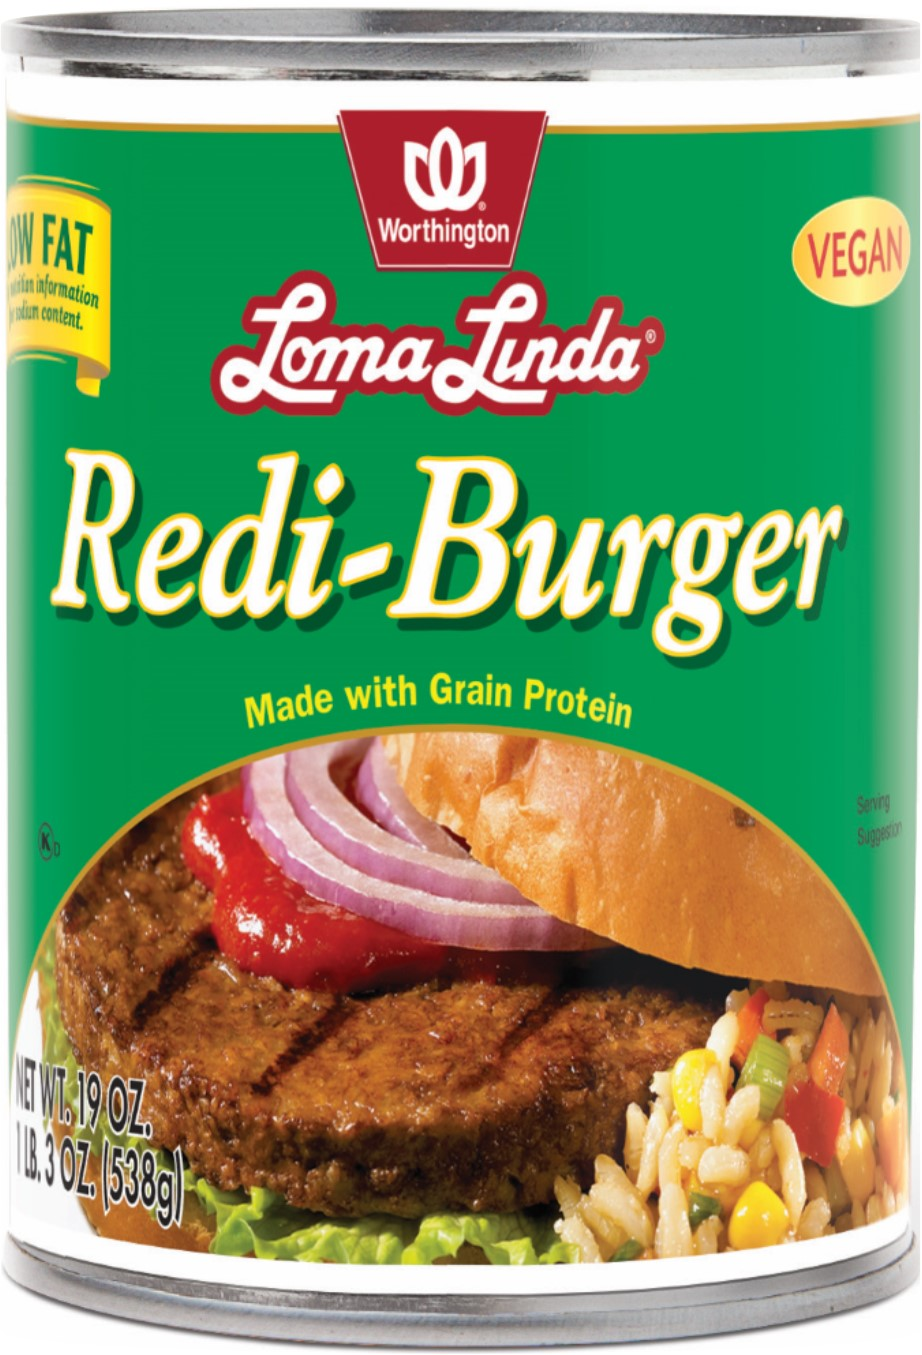 REDI BURGER LOW FAT,LOMA LINDA LF,4556100056